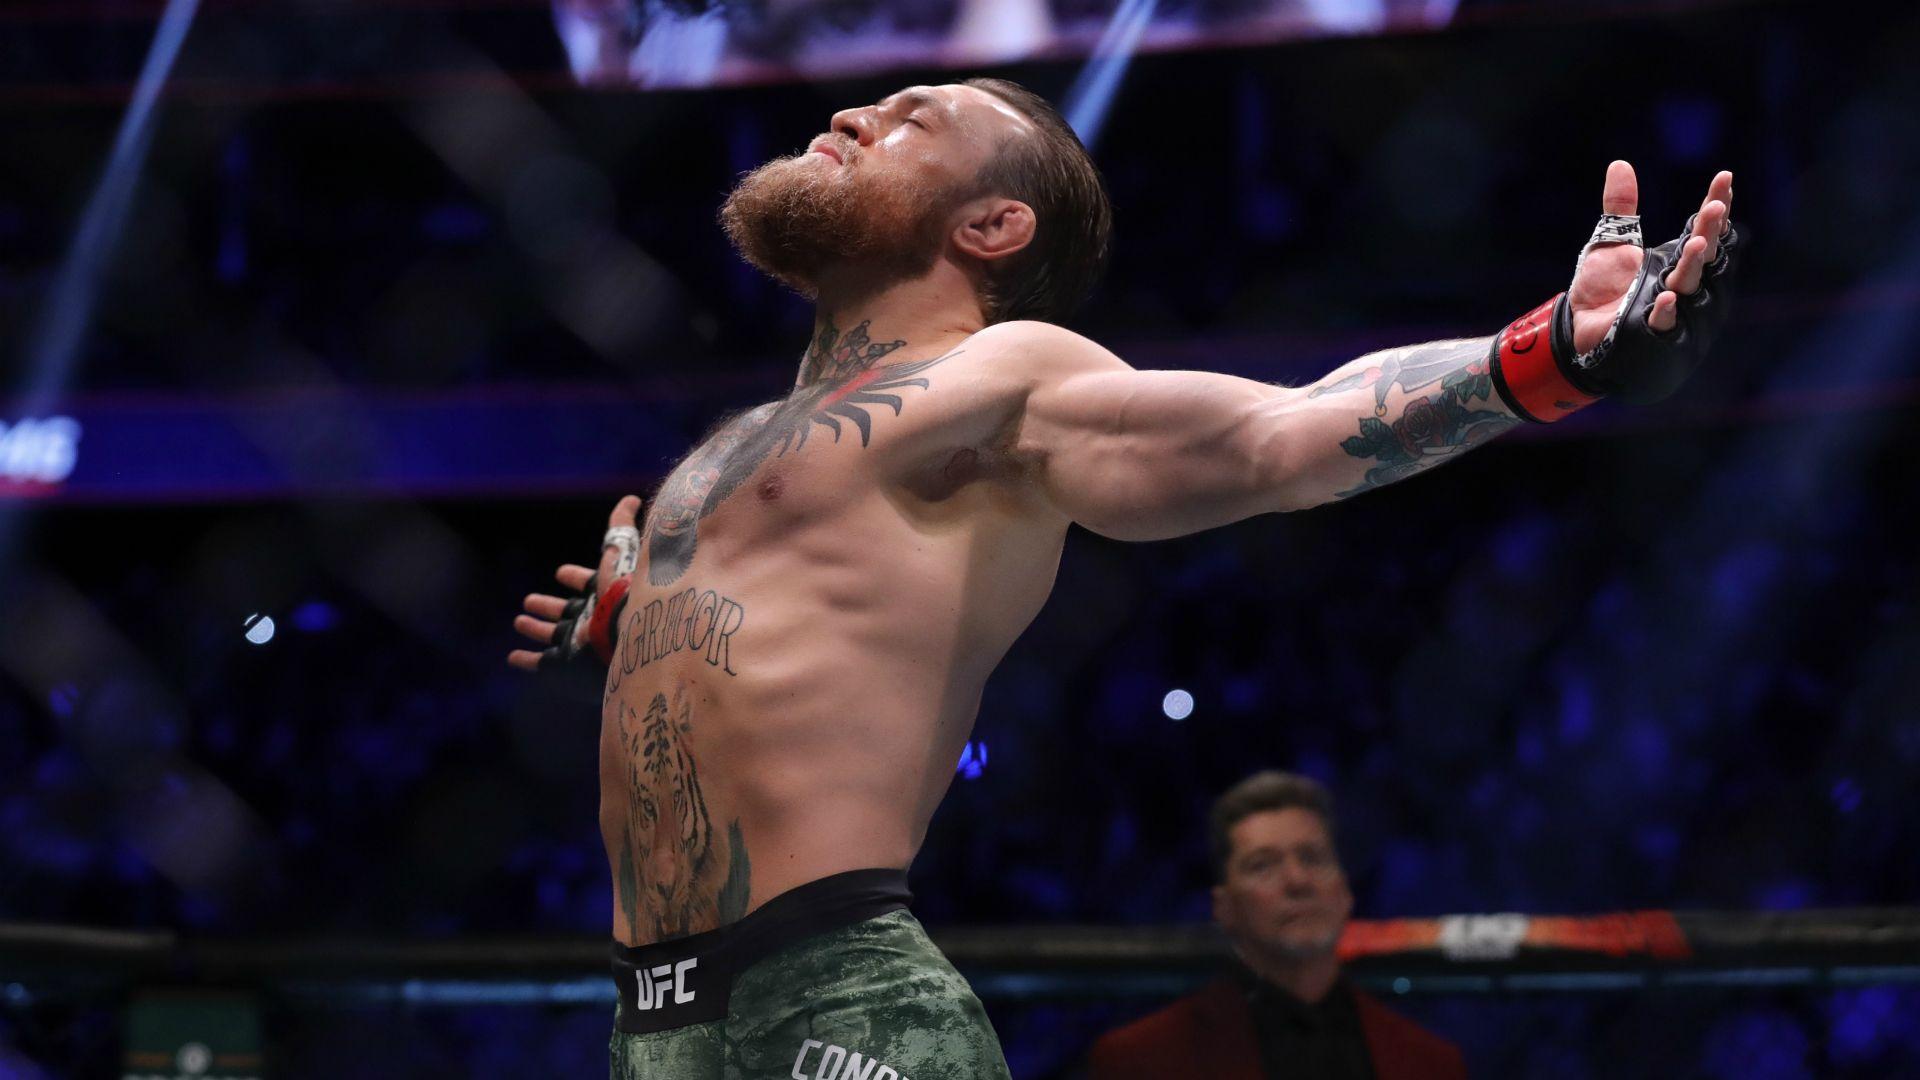 Conor McGregor vs Dustin Poirier 3, The Good Fight Foundation